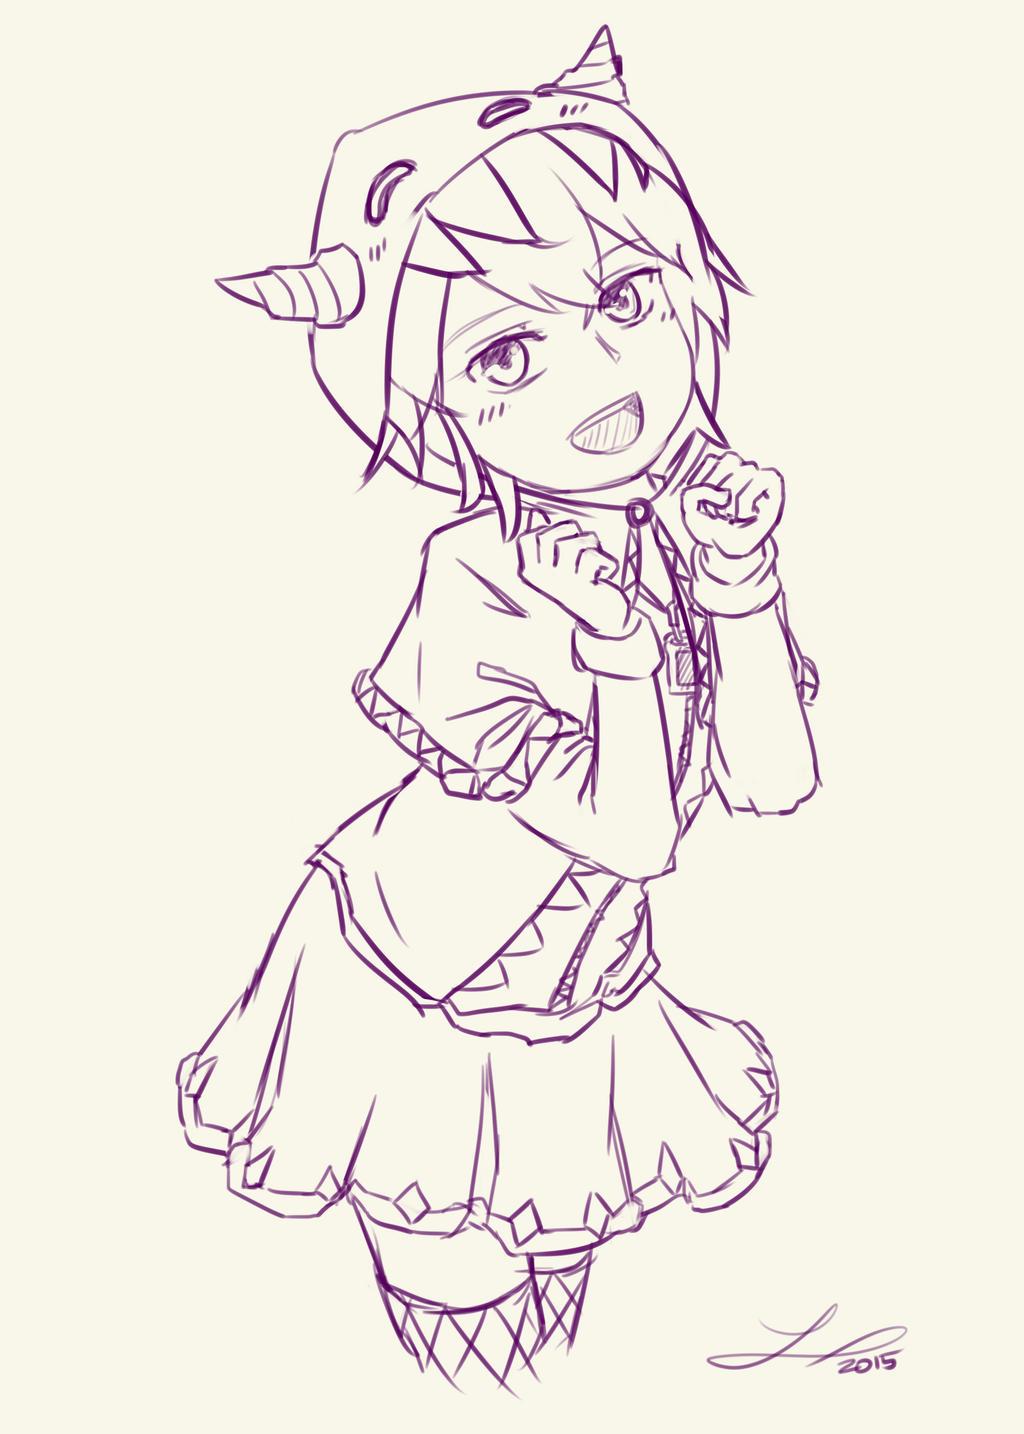 Kai sketch by ElleranS